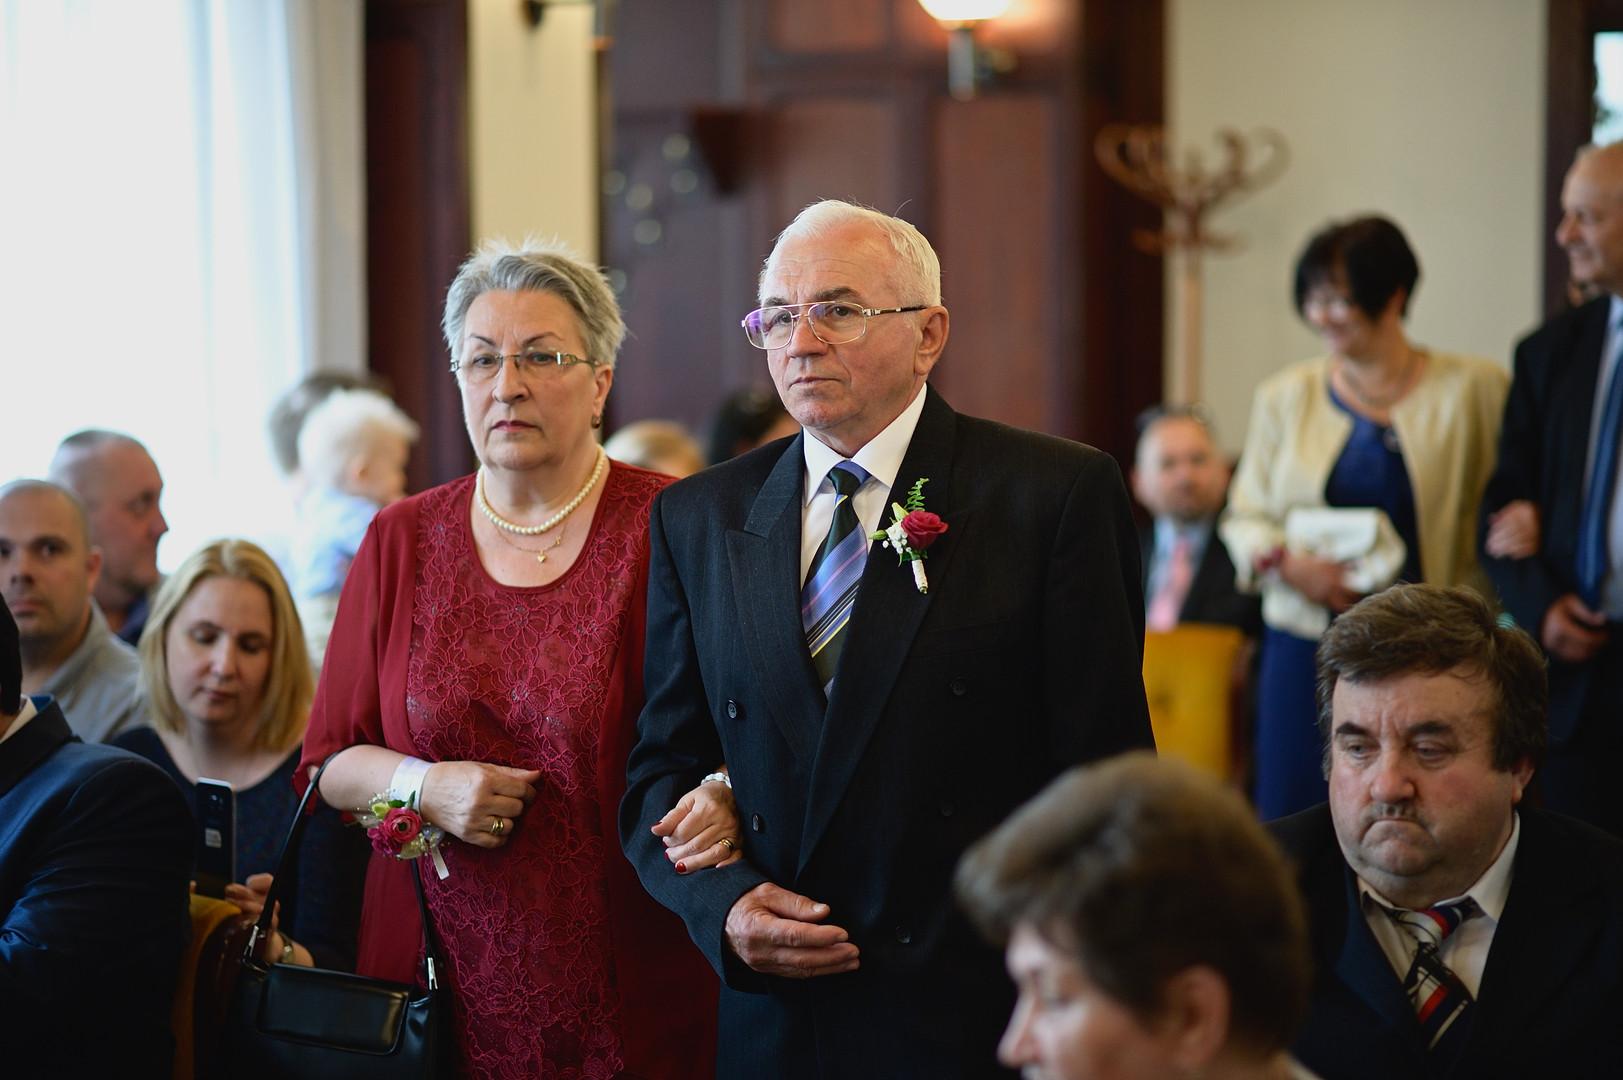 021 Esküvői fotózás - Enikő és Peti.jpg